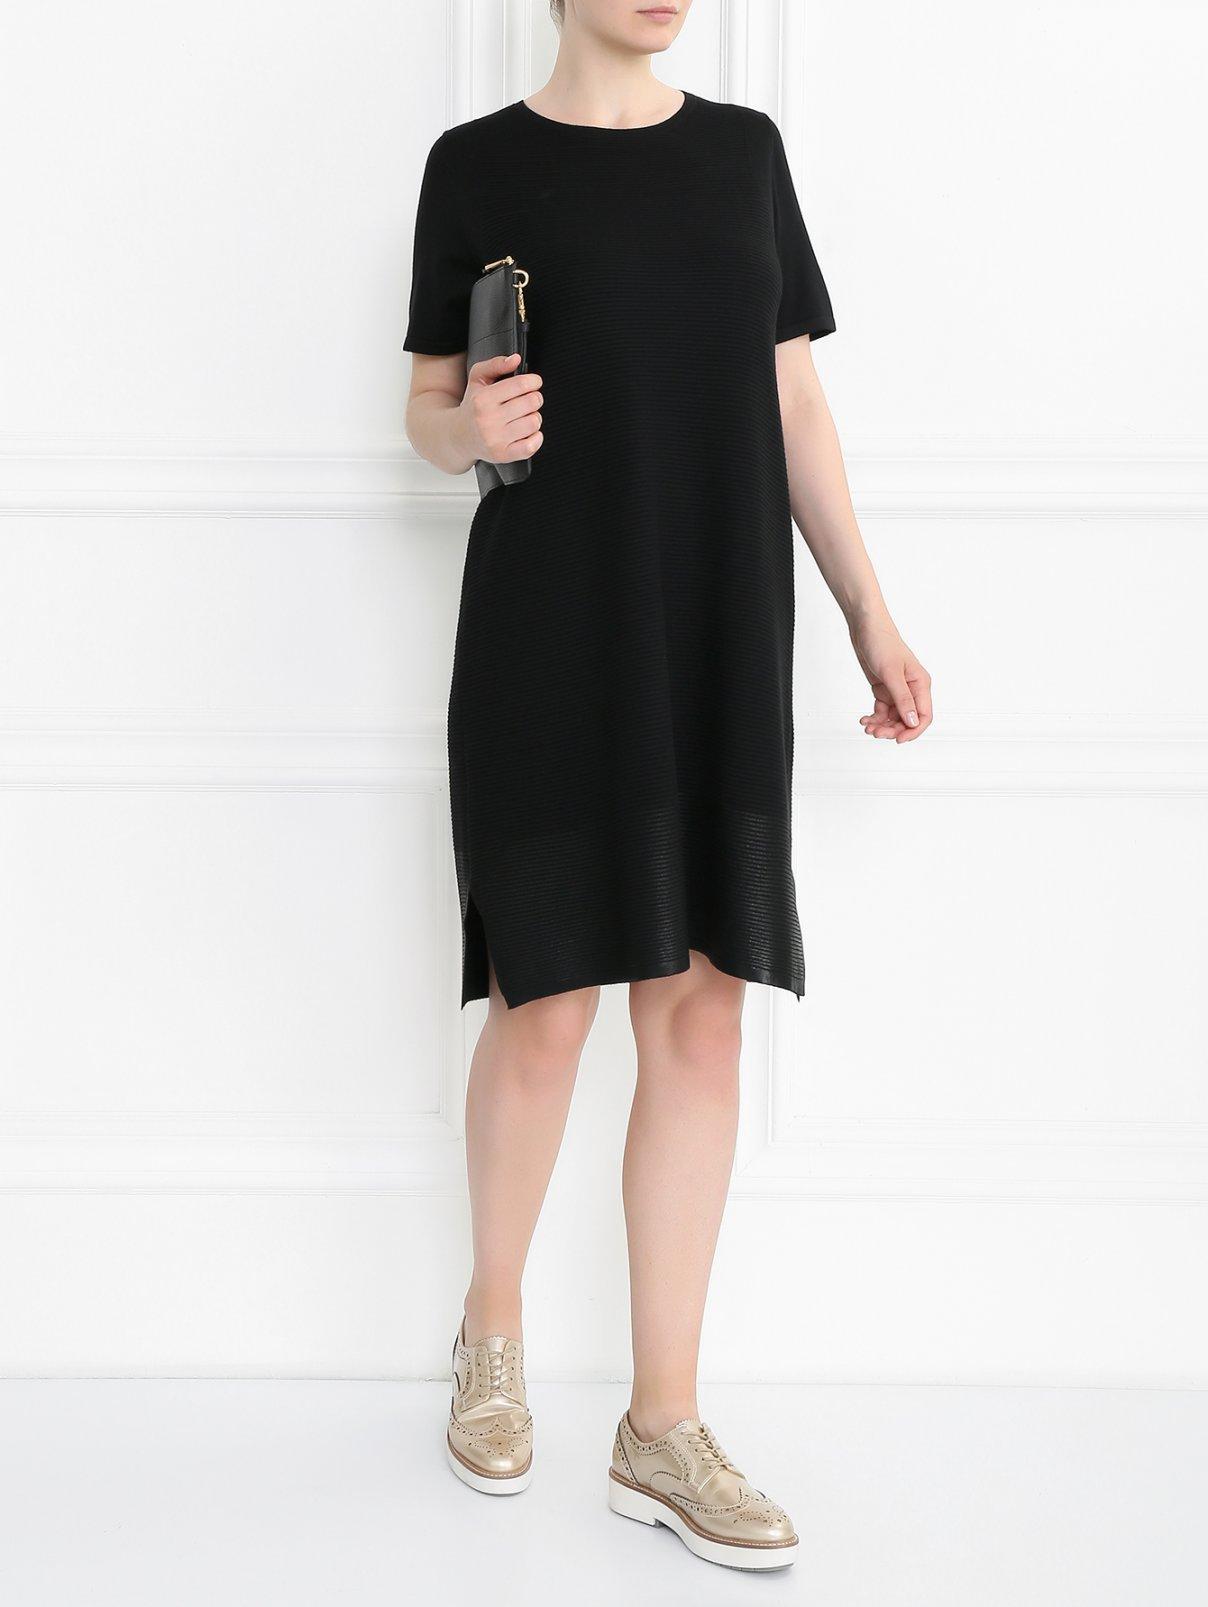 Трикотажное платье с коротким рукавом Marina Sport  –  Модель Общий вид  – Цвет:  Черный